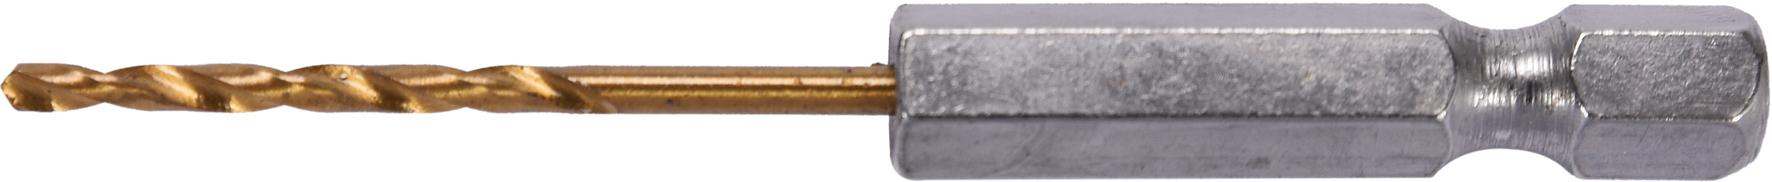 Burghiu HSS-TiN 2.0mm (1/4 HEX)